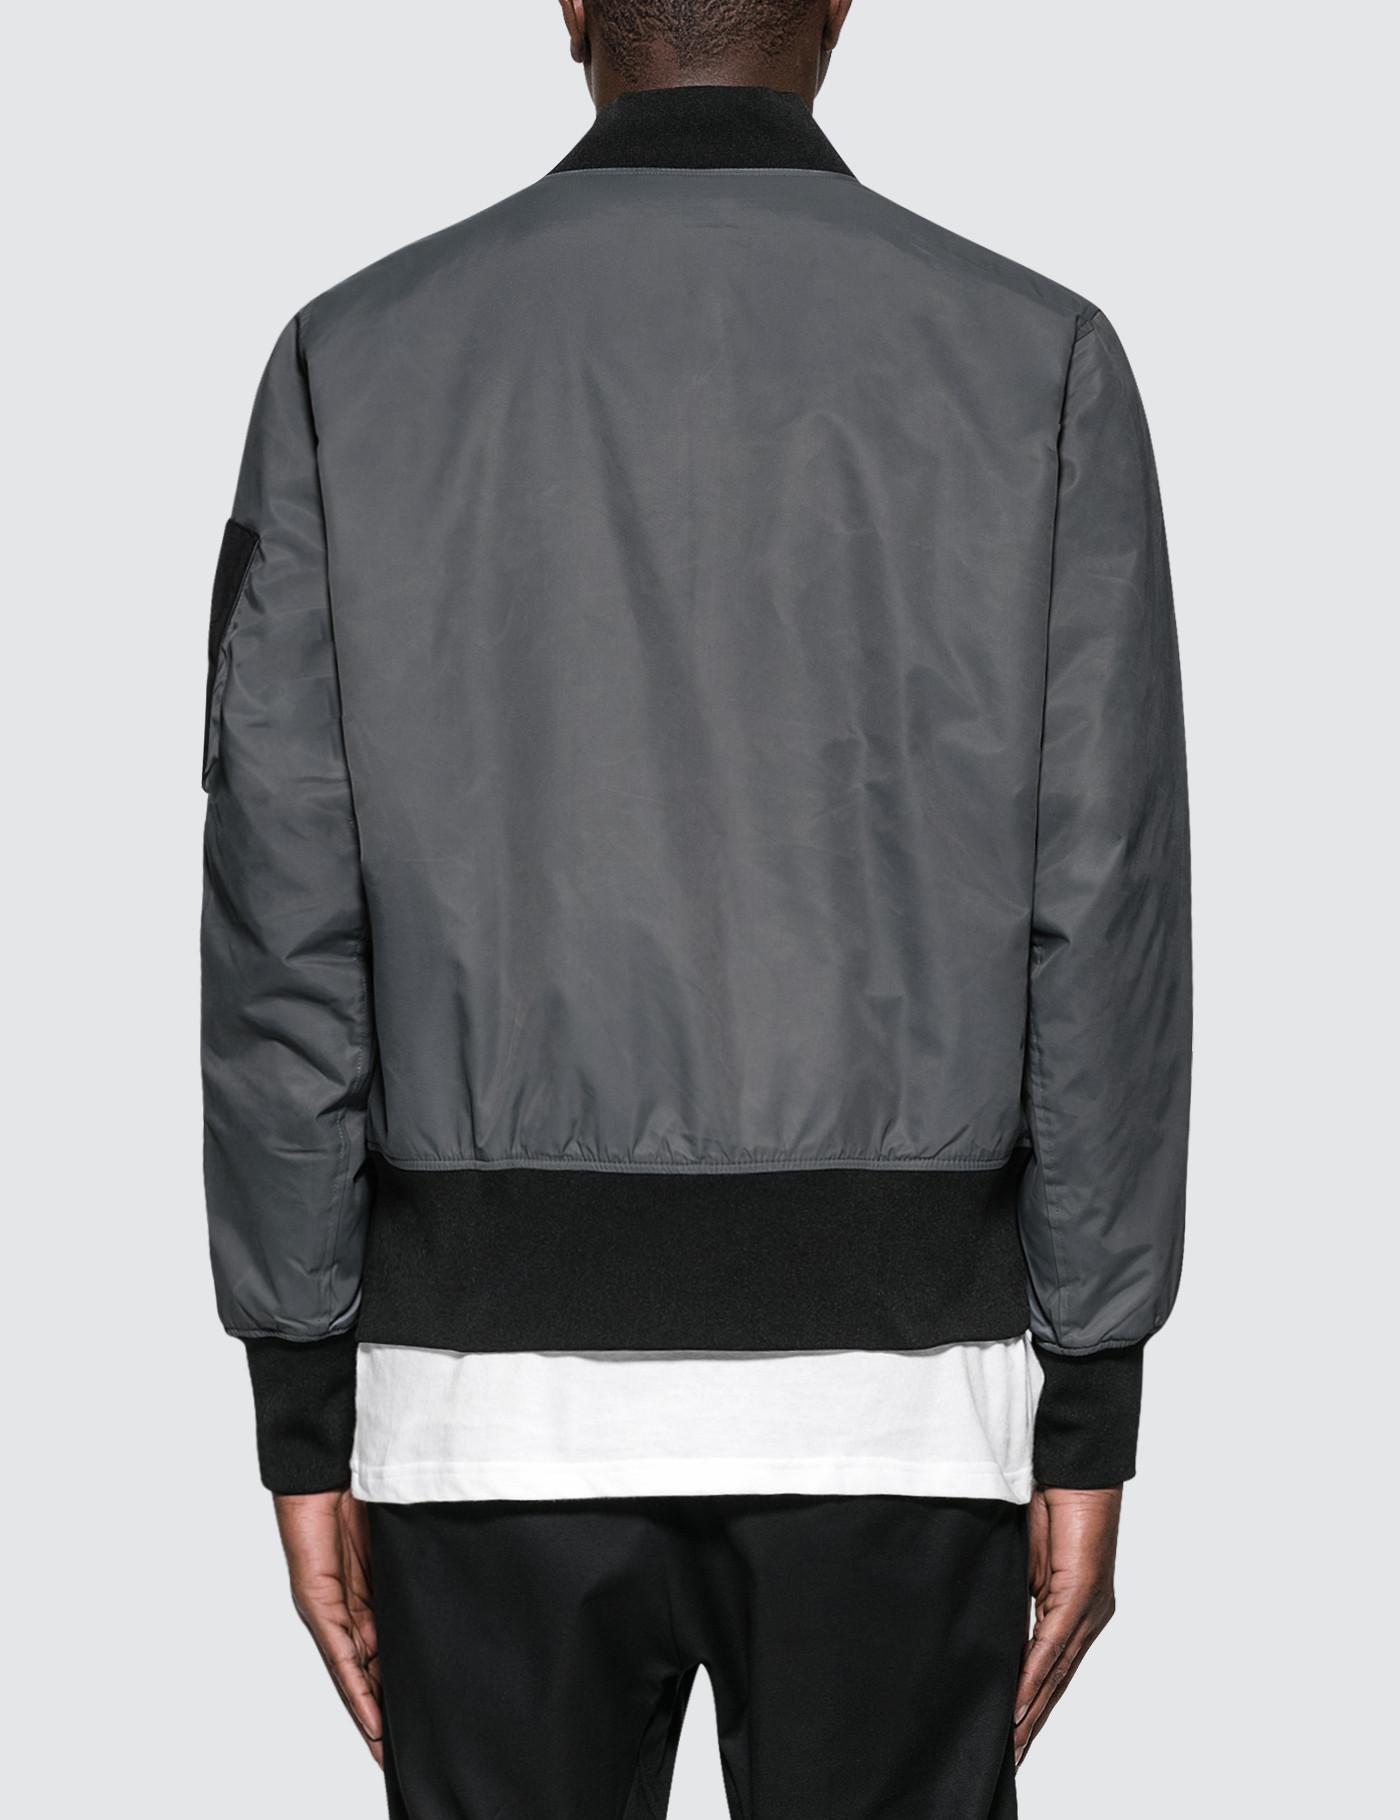 Nsw Syn Fill Air Max Jacket